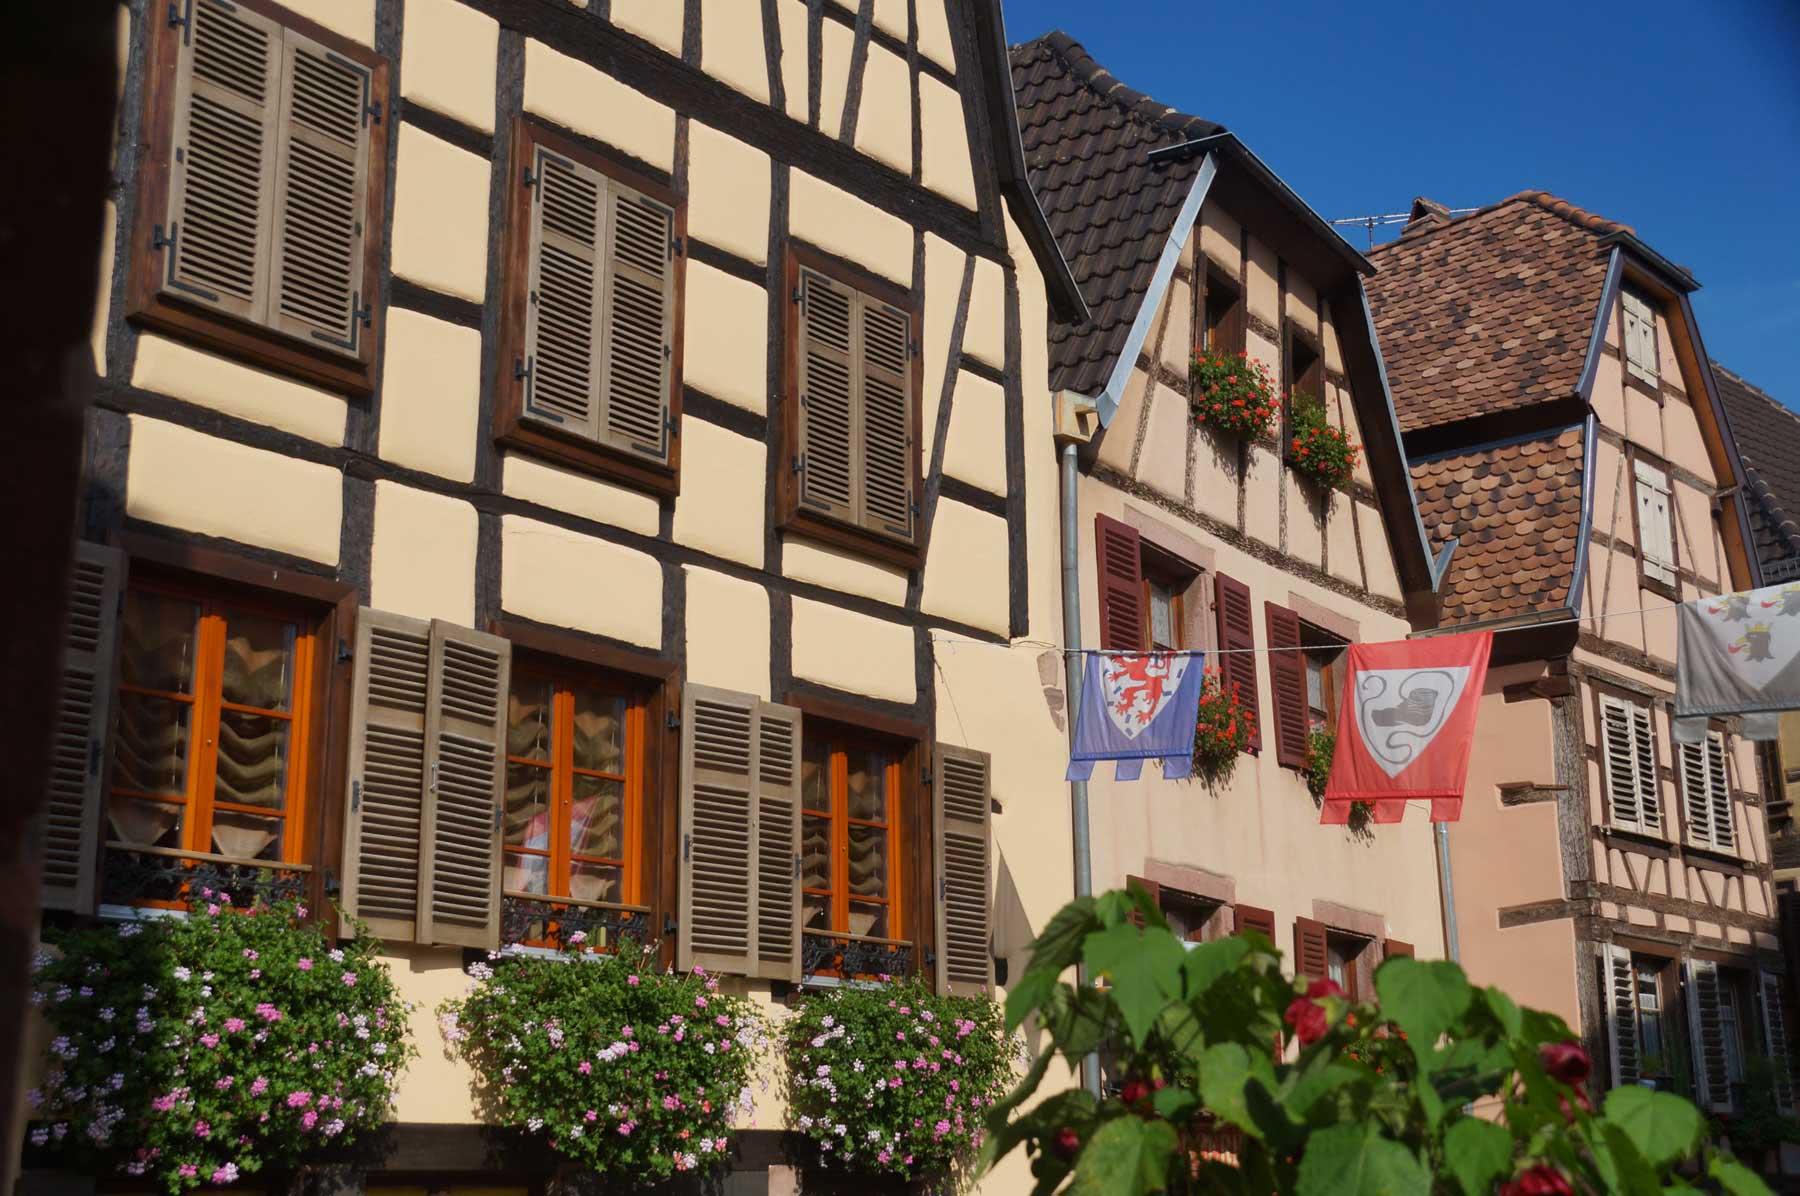 Maisons à colombage en Alsace